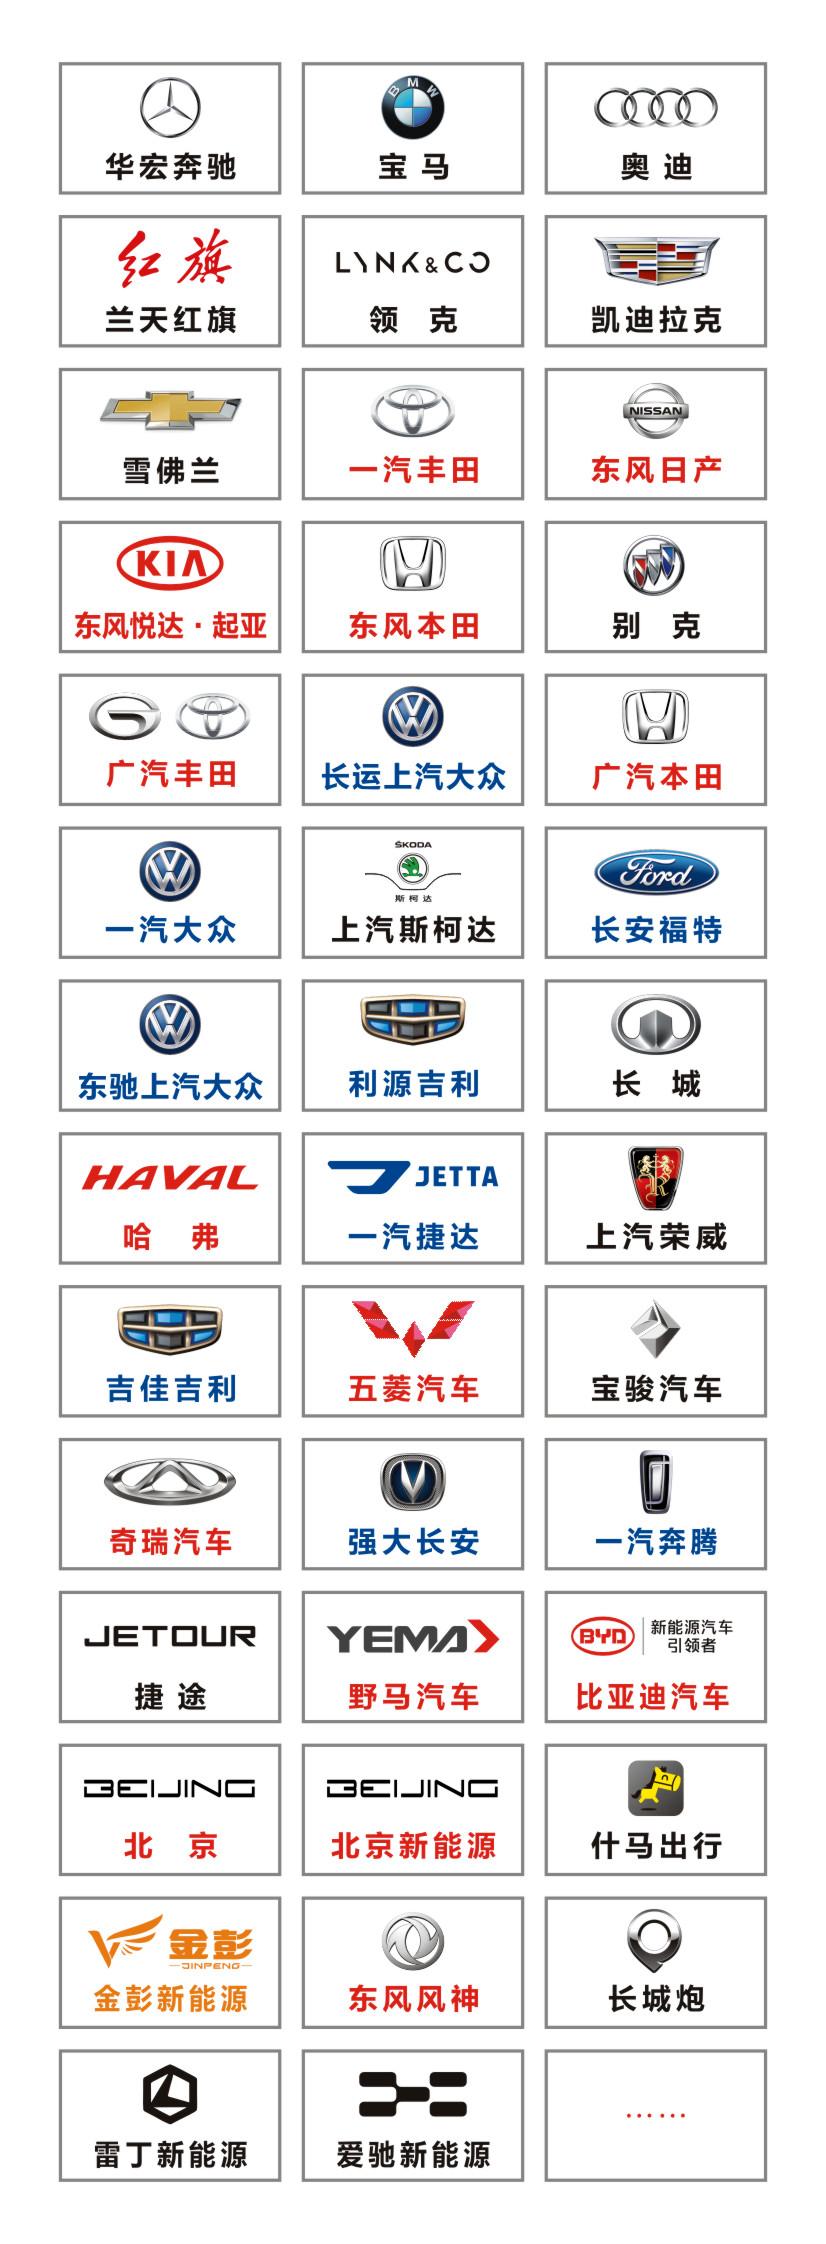 萍乡汽车文化节